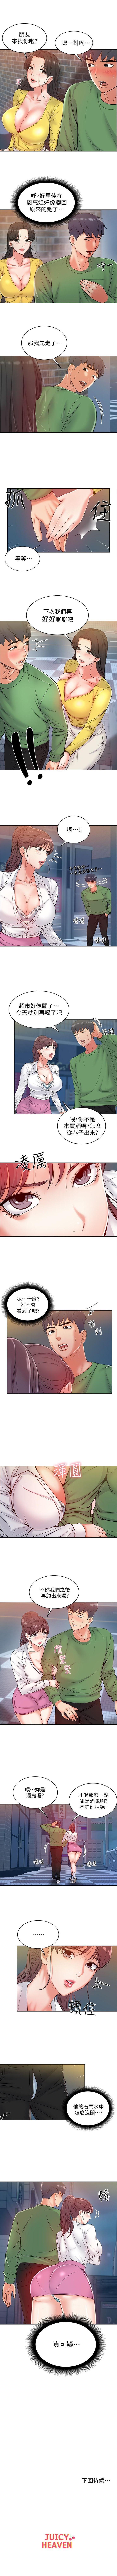 (週3)超市的漂亮姐姐 1-22 中文翻譯(更新中) 27